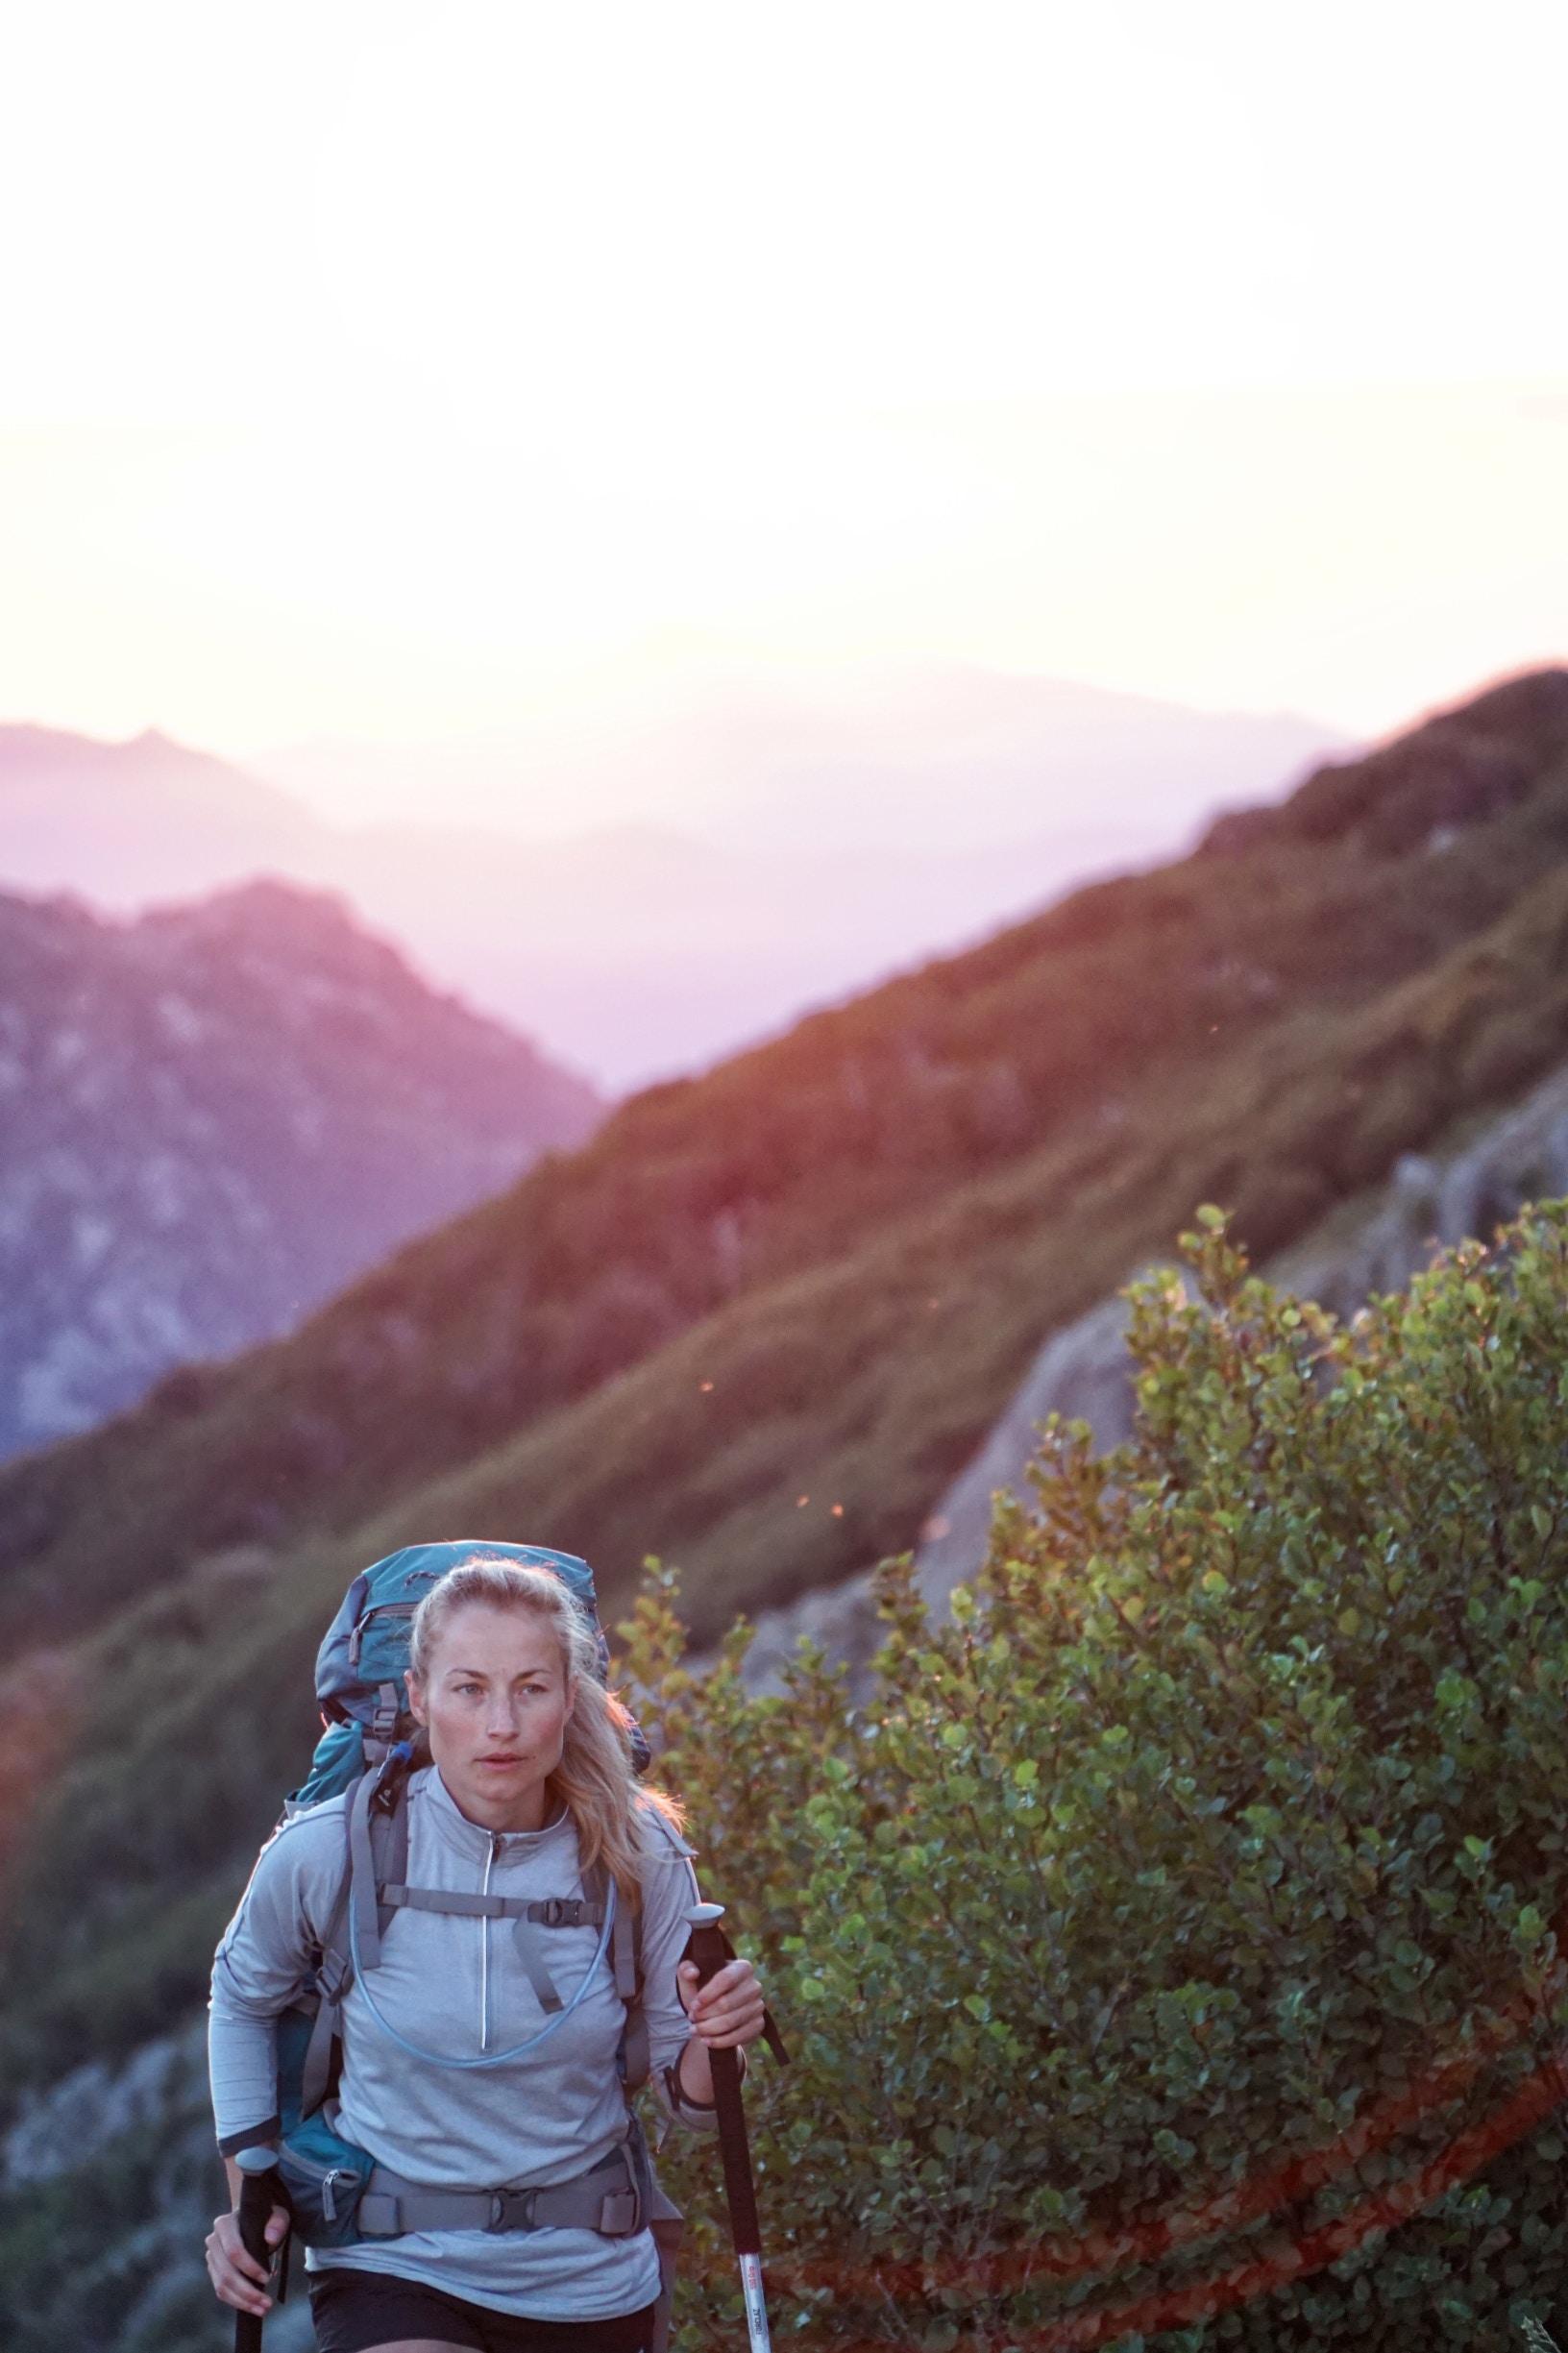 Riječ je o hodanju uz pomoć posebno dizajniranih štapova i ova aktivnost privlači velik broj ljudi u svijetu, a sve više i u Hrvatskoj.